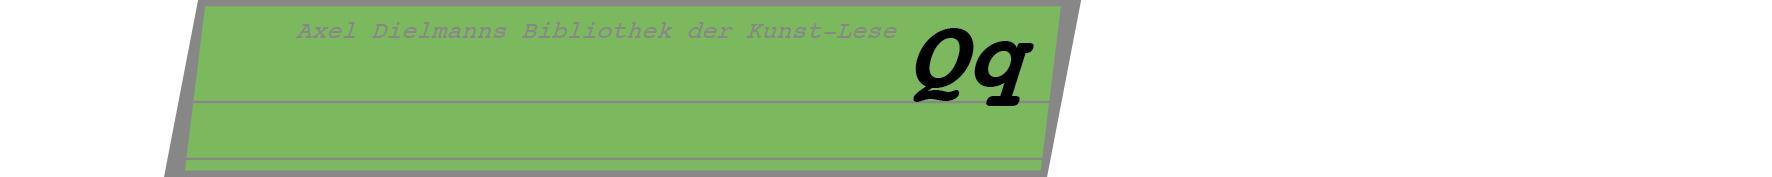 Kartei-Q